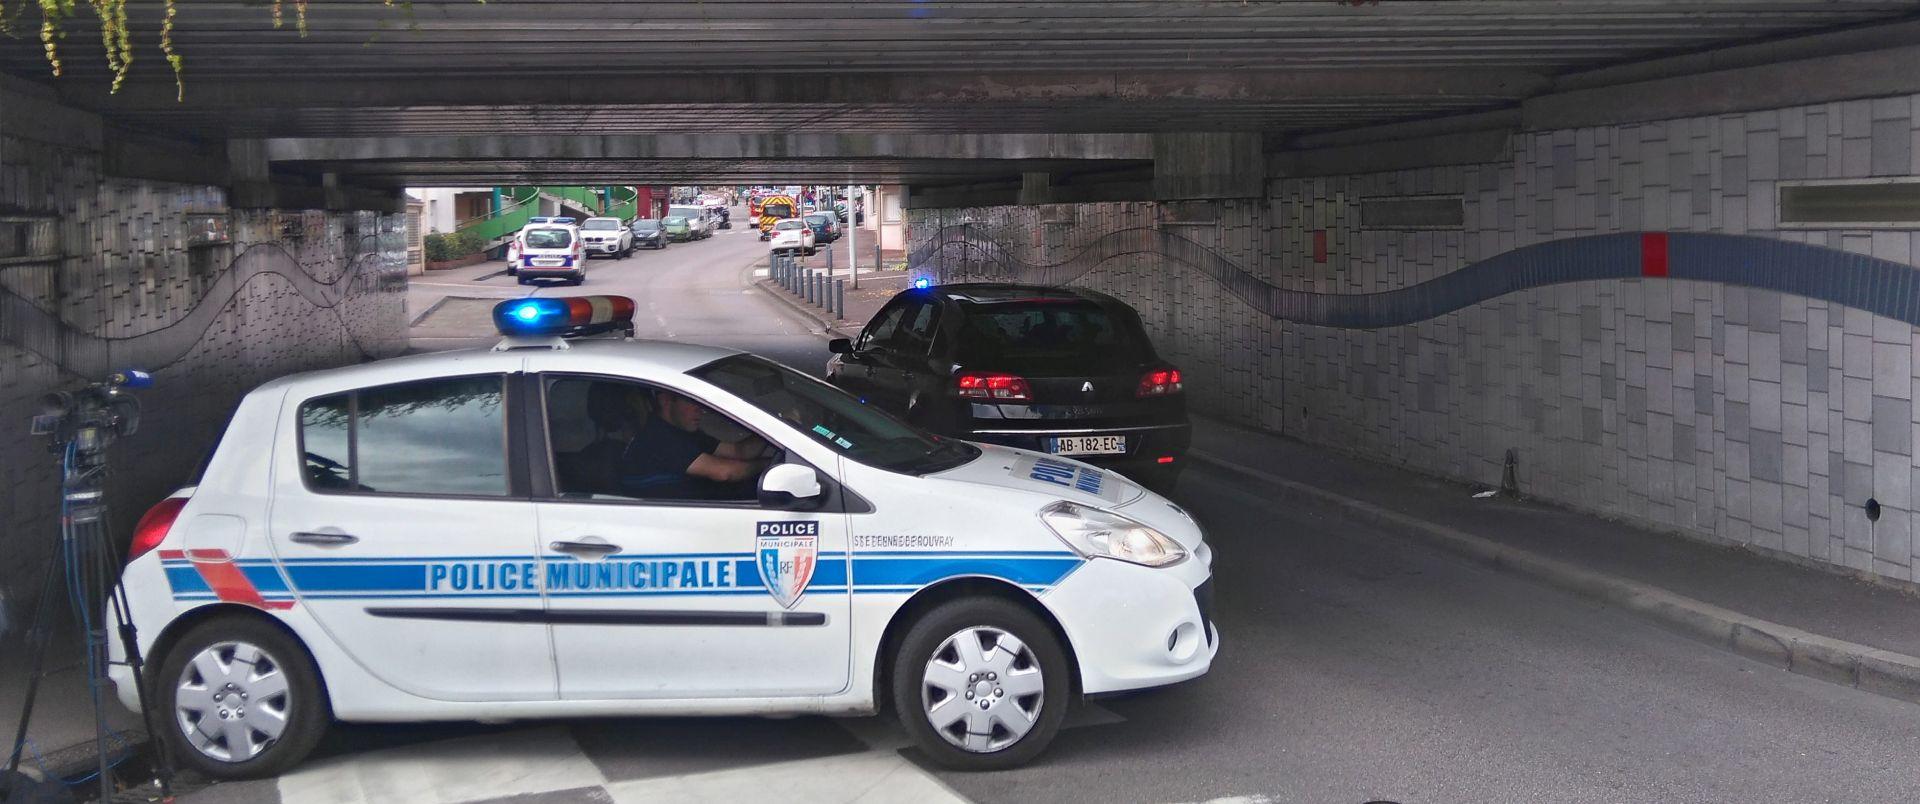 FRANCUSKA: ISLAMSKA DRŽAVA PREUZELA ODGOVORNOST Napadači upali u crkvu, svećeniku prerezali grlo, policija ih ubila